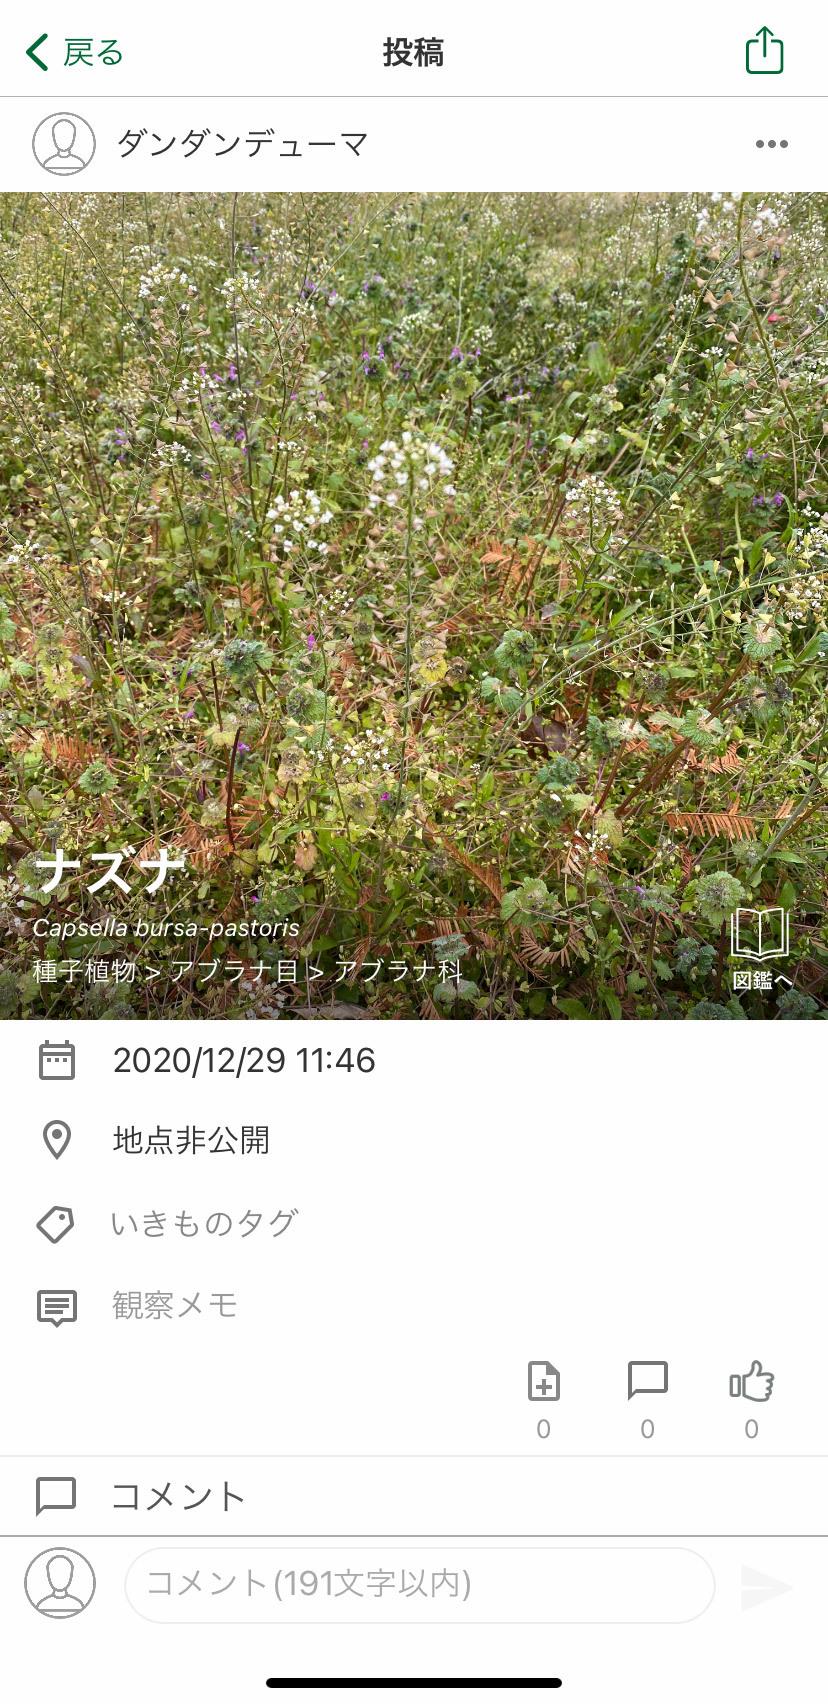 biome3.jpg